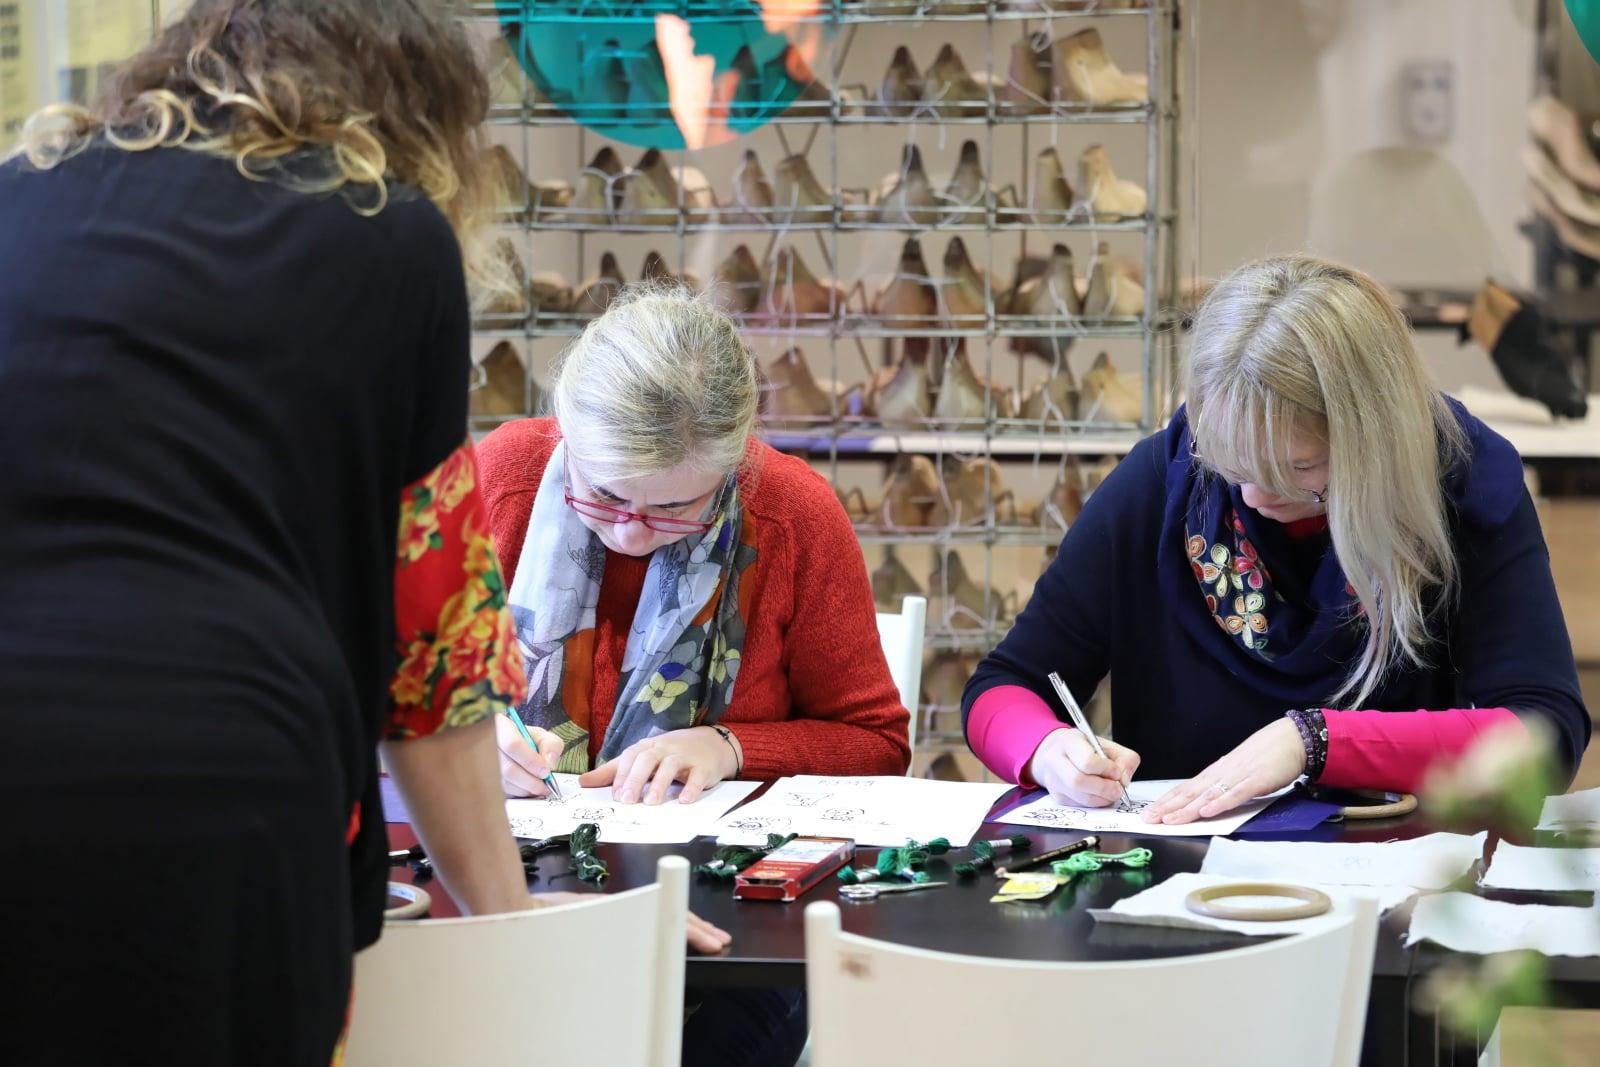 Warsztaty haftowania na tamborku w Muzeum Warszawskiej Pragi, fot. PAP/Tomasz Gzell